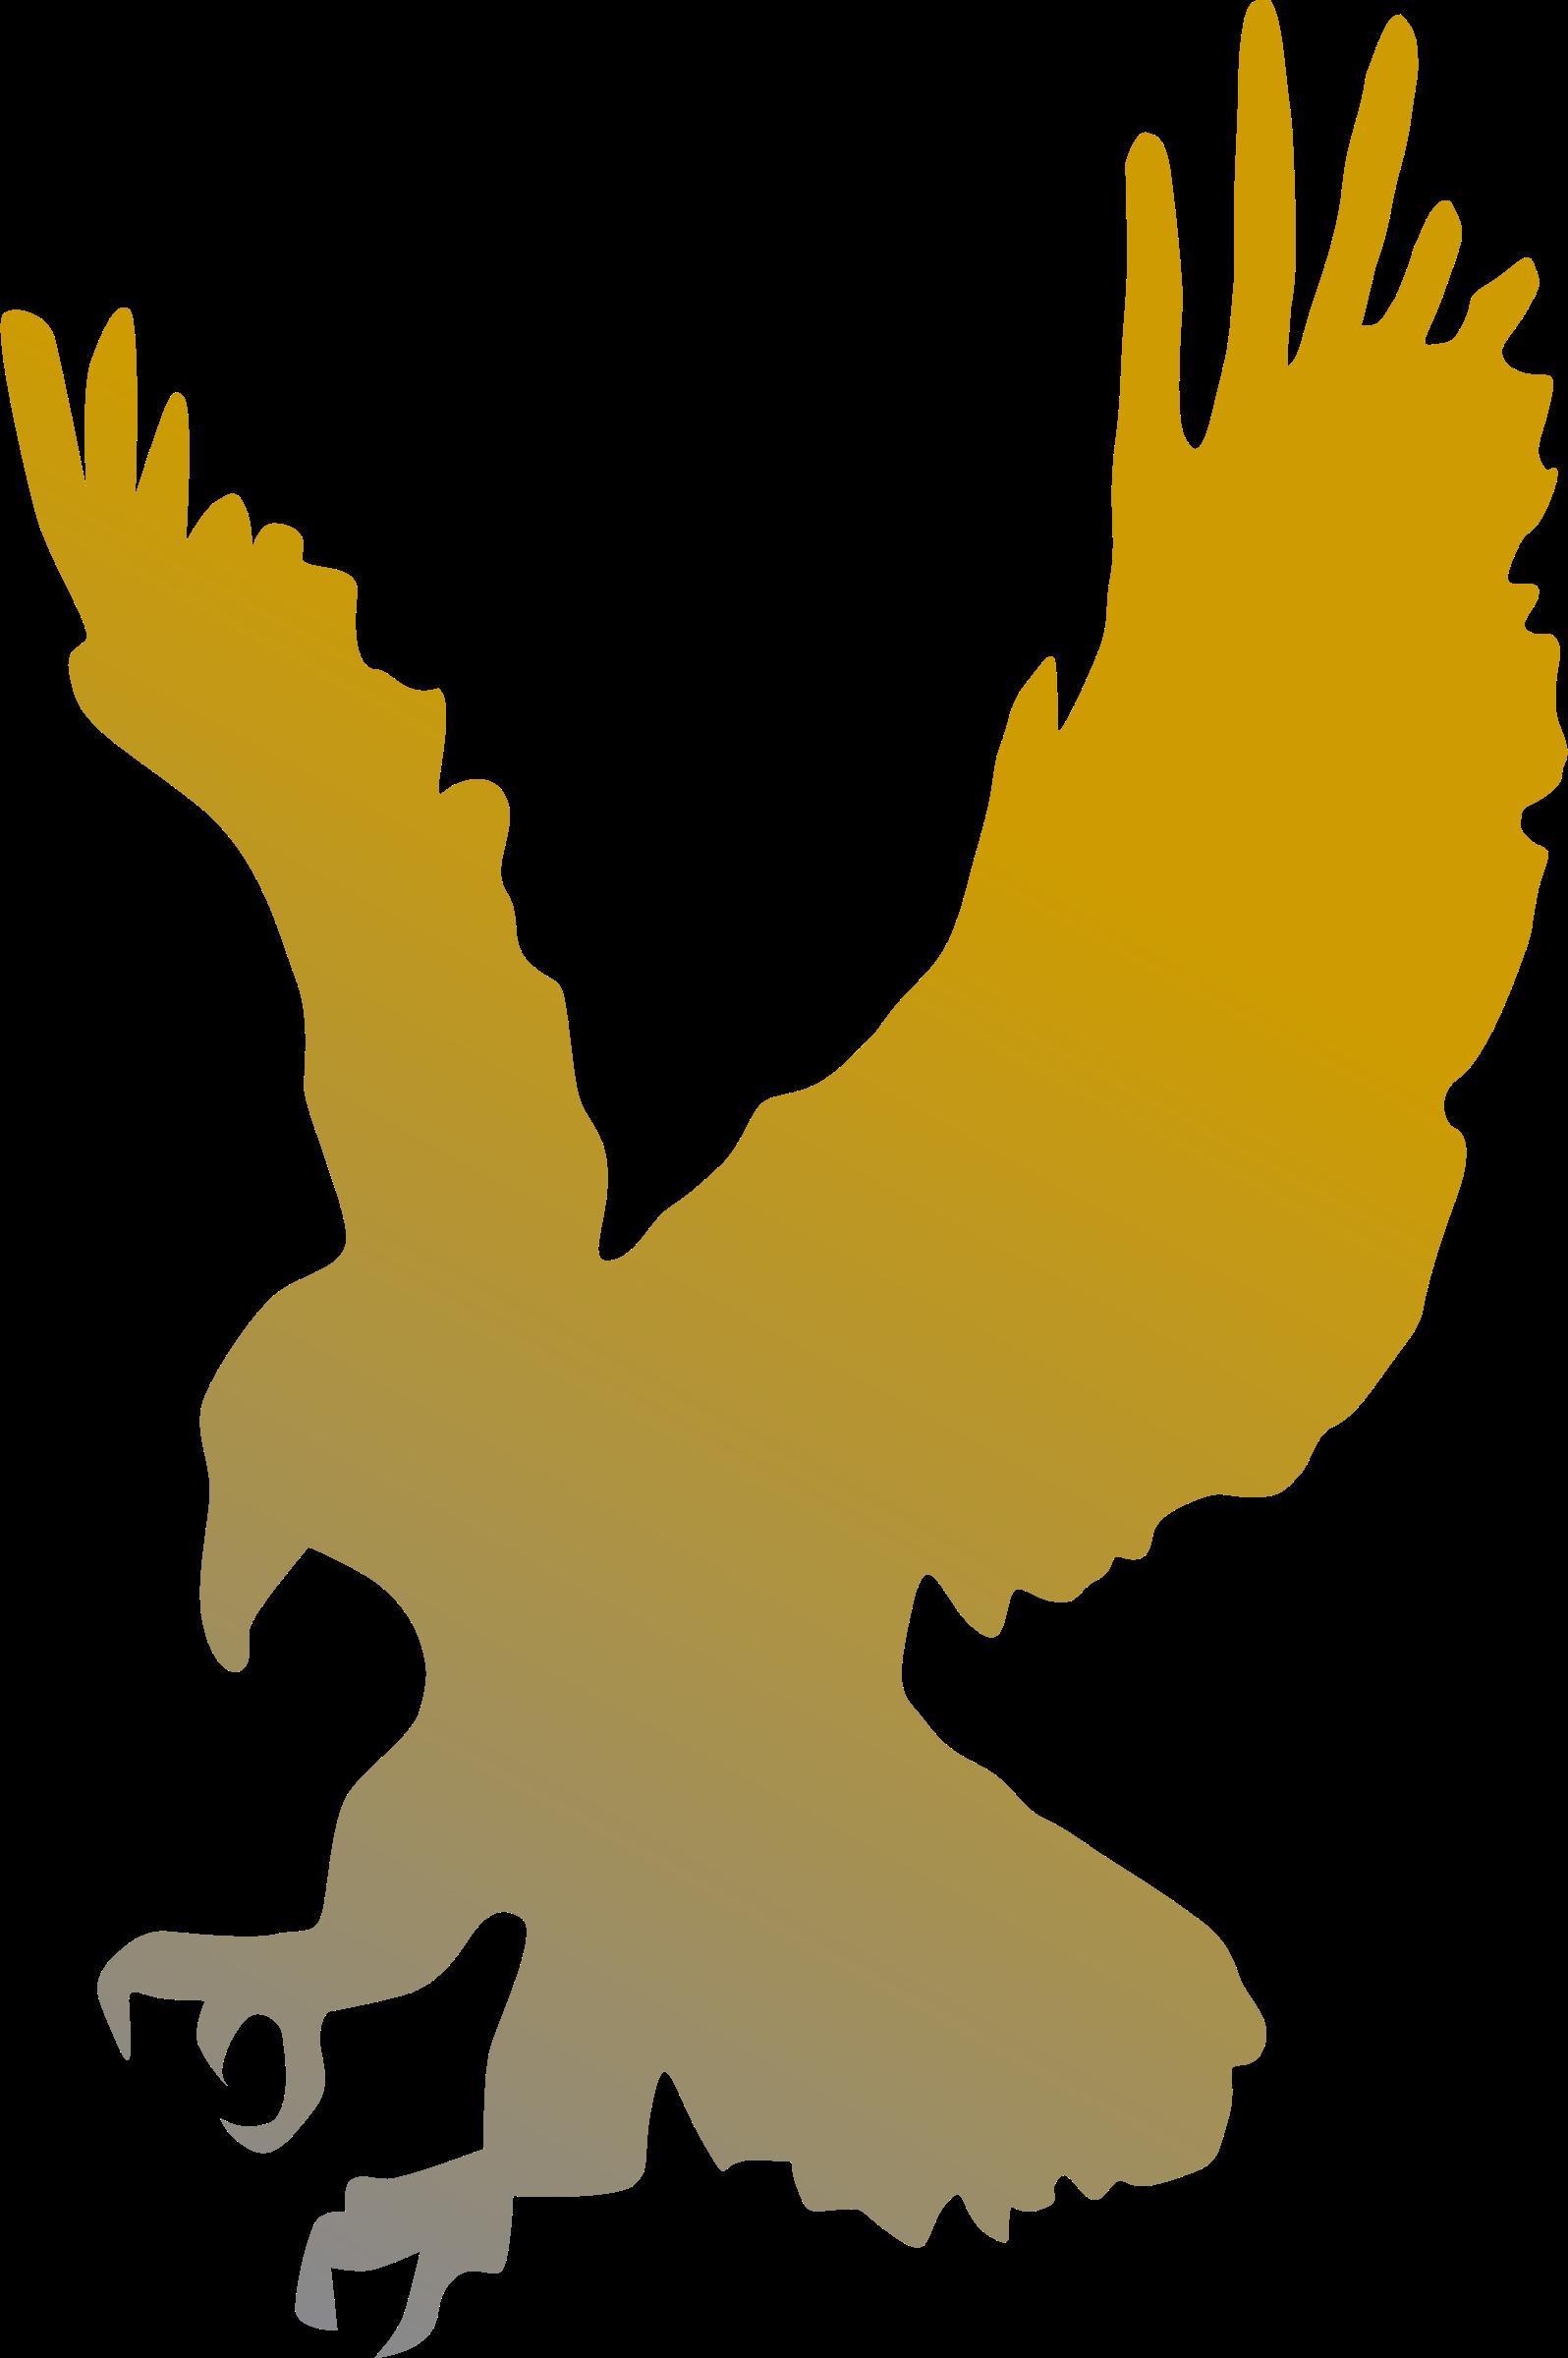 Golden eagle vector.